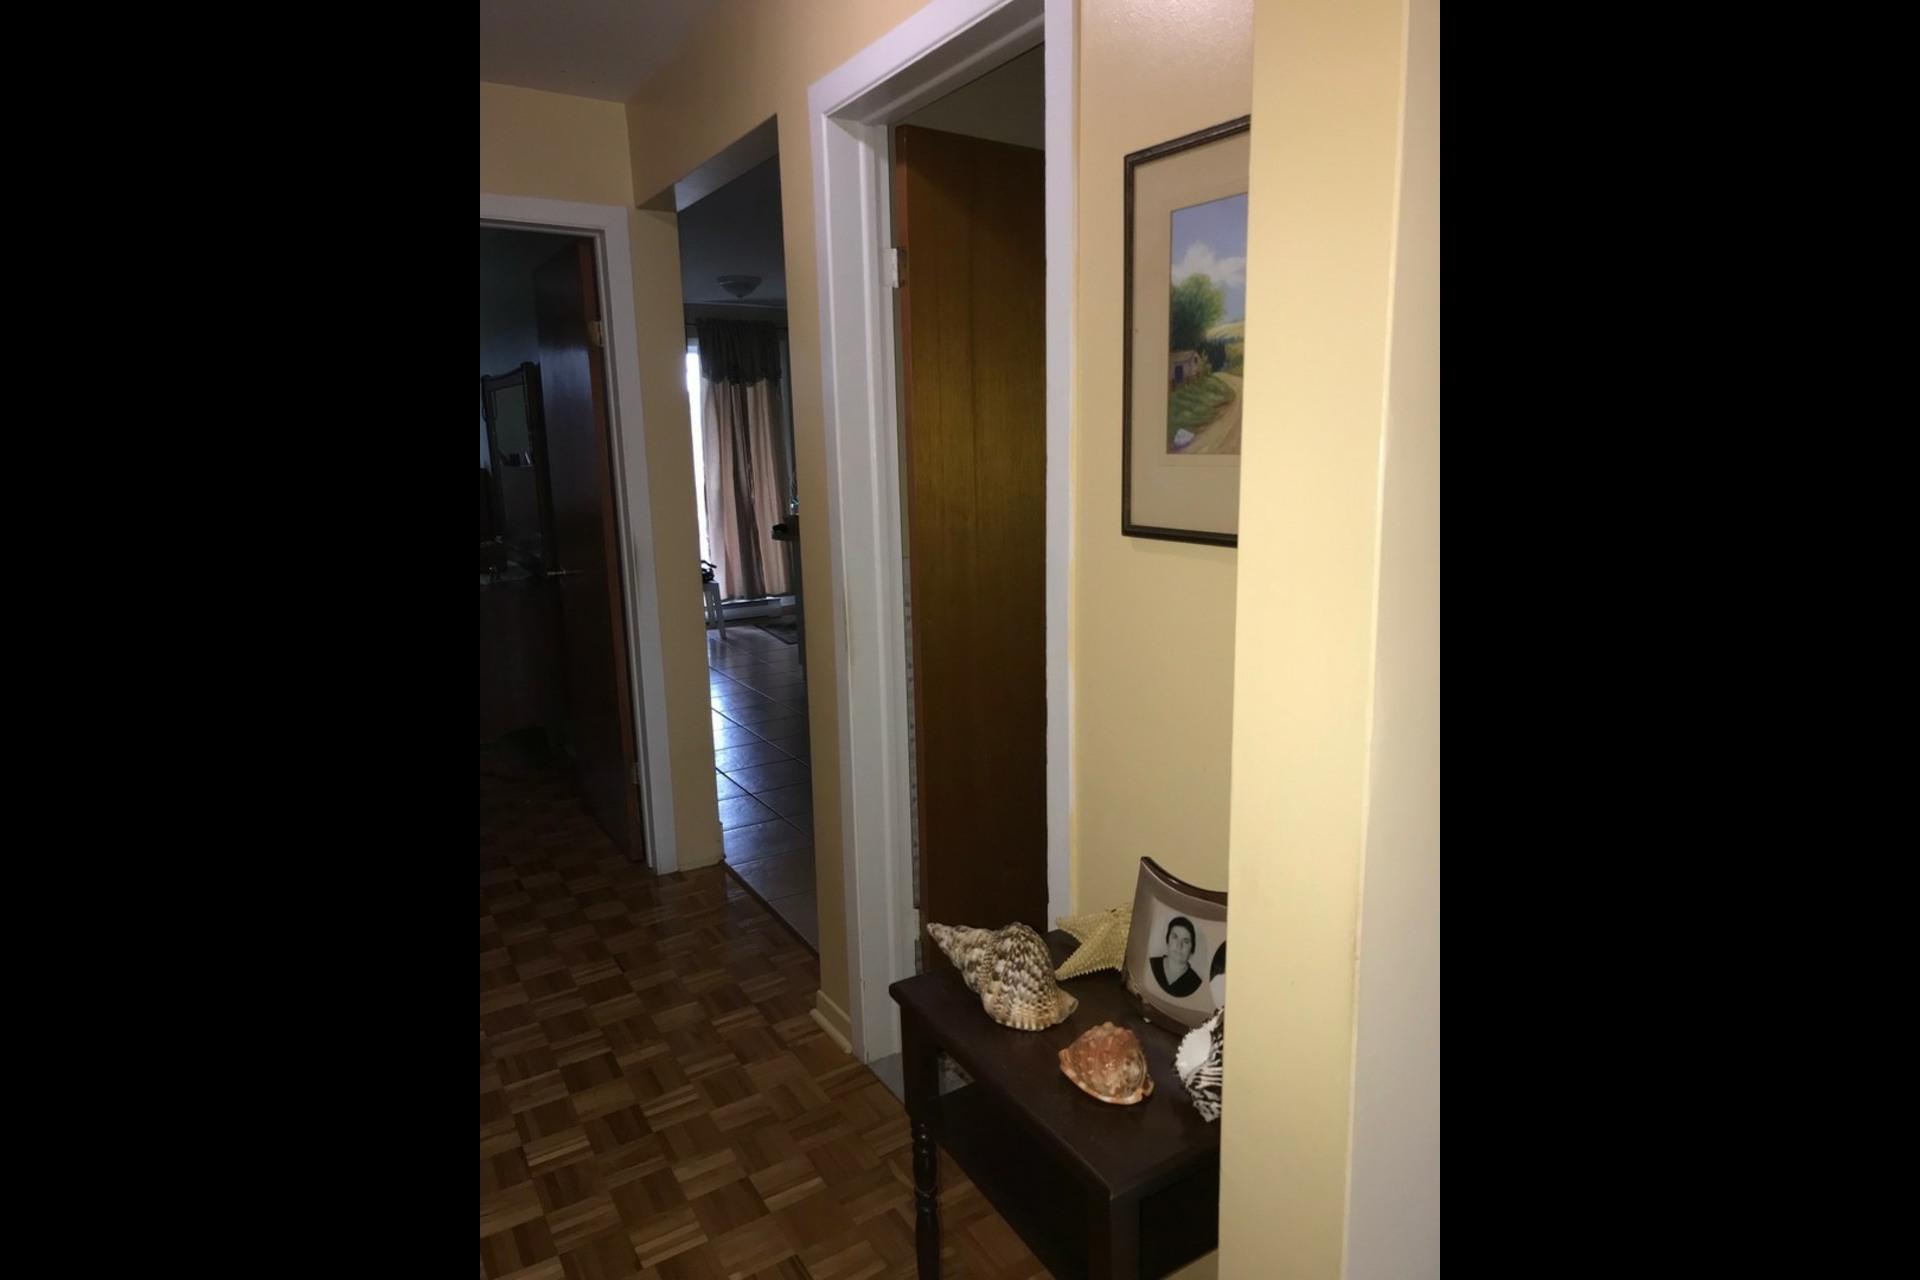 image 3 - Appartement À louer Montréal Mercier-ouest - 4 pièces